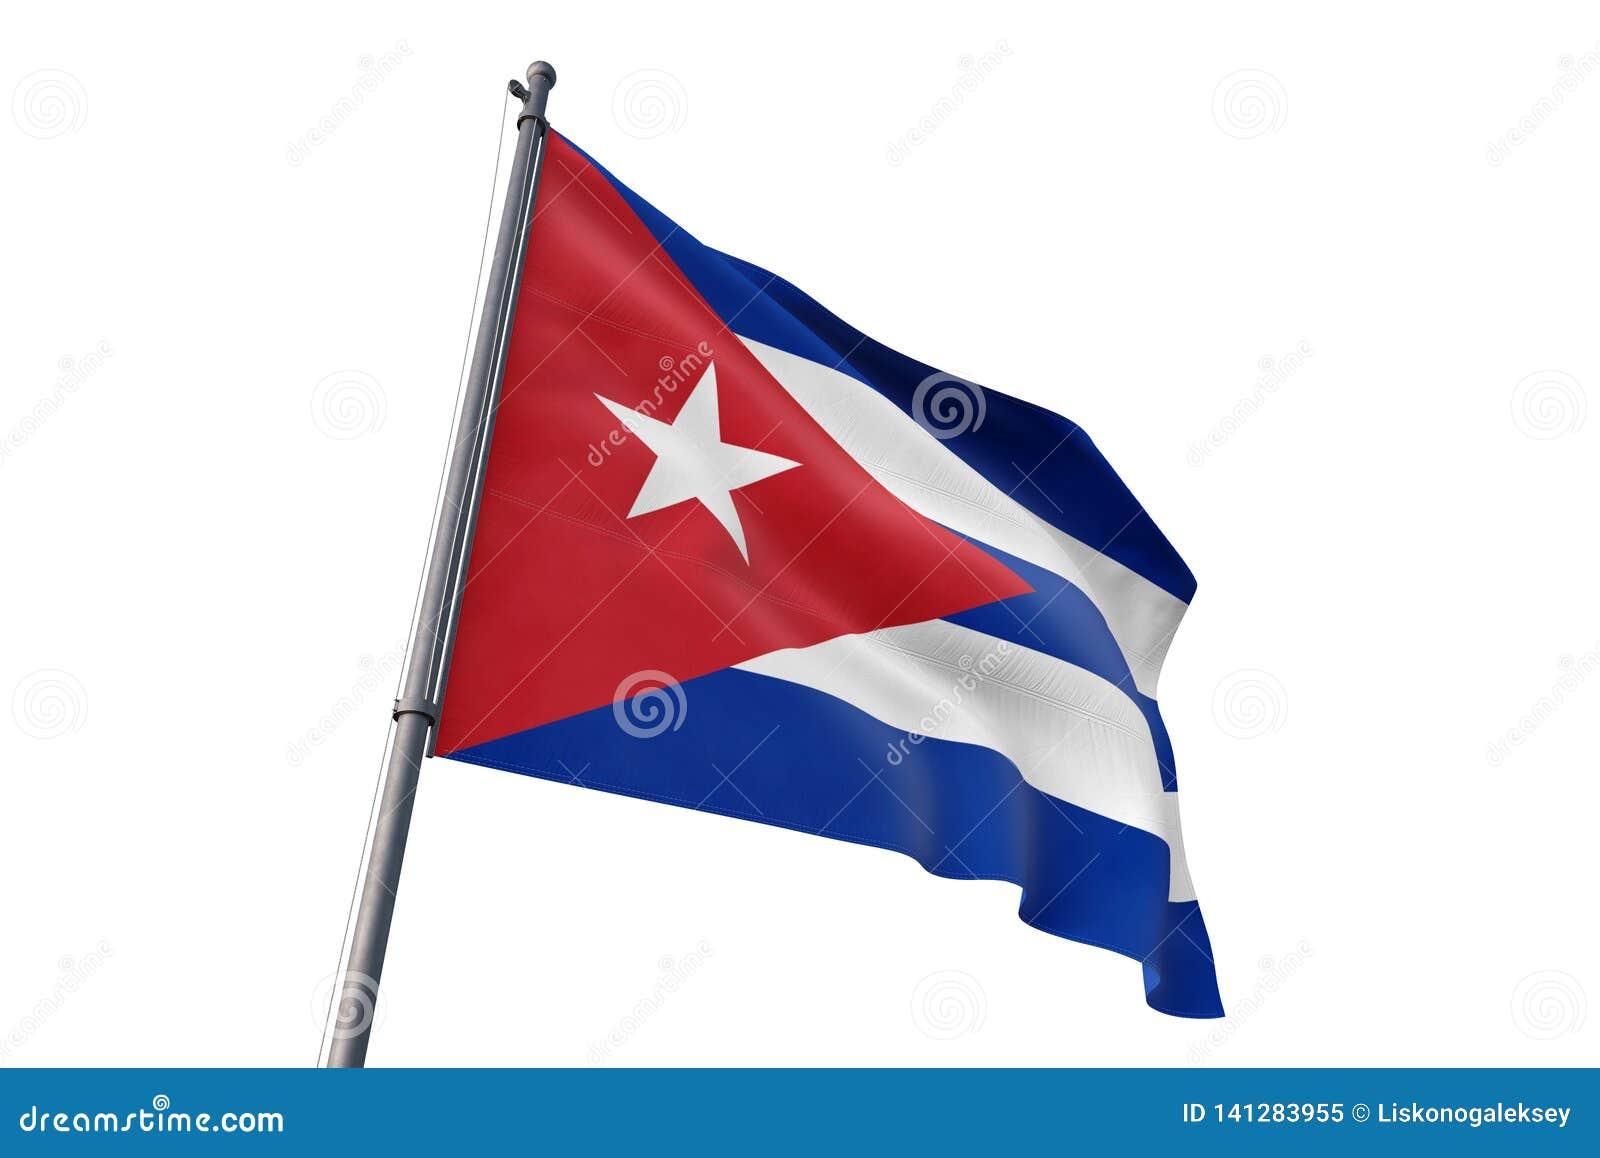 Σημαία της Κούβας που κυματίζει την απομονωμένη άσπρη τρισδιάστατη απεικόνιση υποβάθρου